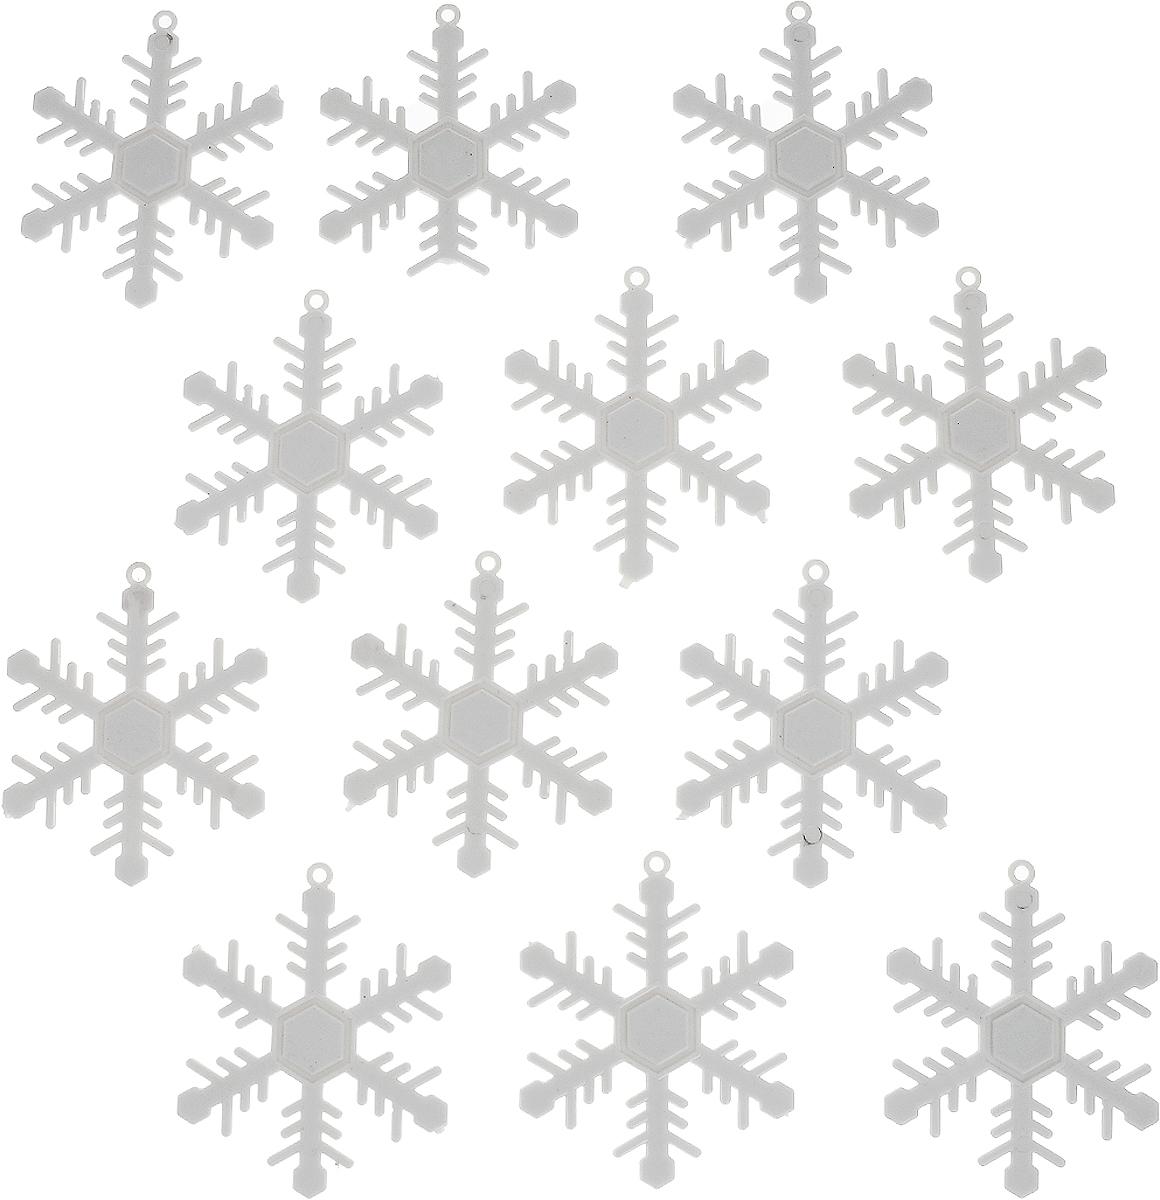 Украшение новогоднее подвесное Winter Wings Снежинки, диаметр 6,5 см, 12 штN181145Набор украшений Winter Wings Снежинки прекрасно подойдет для праздничного декора новогодней ели. Изделия выполнены из высококачественного пластика в виде снежинок. Для удобного размещения на елке на украшениях предусмотрены веревочки. Елочная игрушка - символ Нового года. Она несет в себе волшебство и красоту праздника. Создайте в своем доме атмосферу веселья и радости, украшая новогоднюю елку нарядными игрушками, которые будут из года в год накапливать теплоту воспоминаний. Откройте для себя удивительный мир сказок и грез. Почувствуйте волшебные минуты ожидания праздника, создайте новогоднее настроение вашим дорогим и близким.